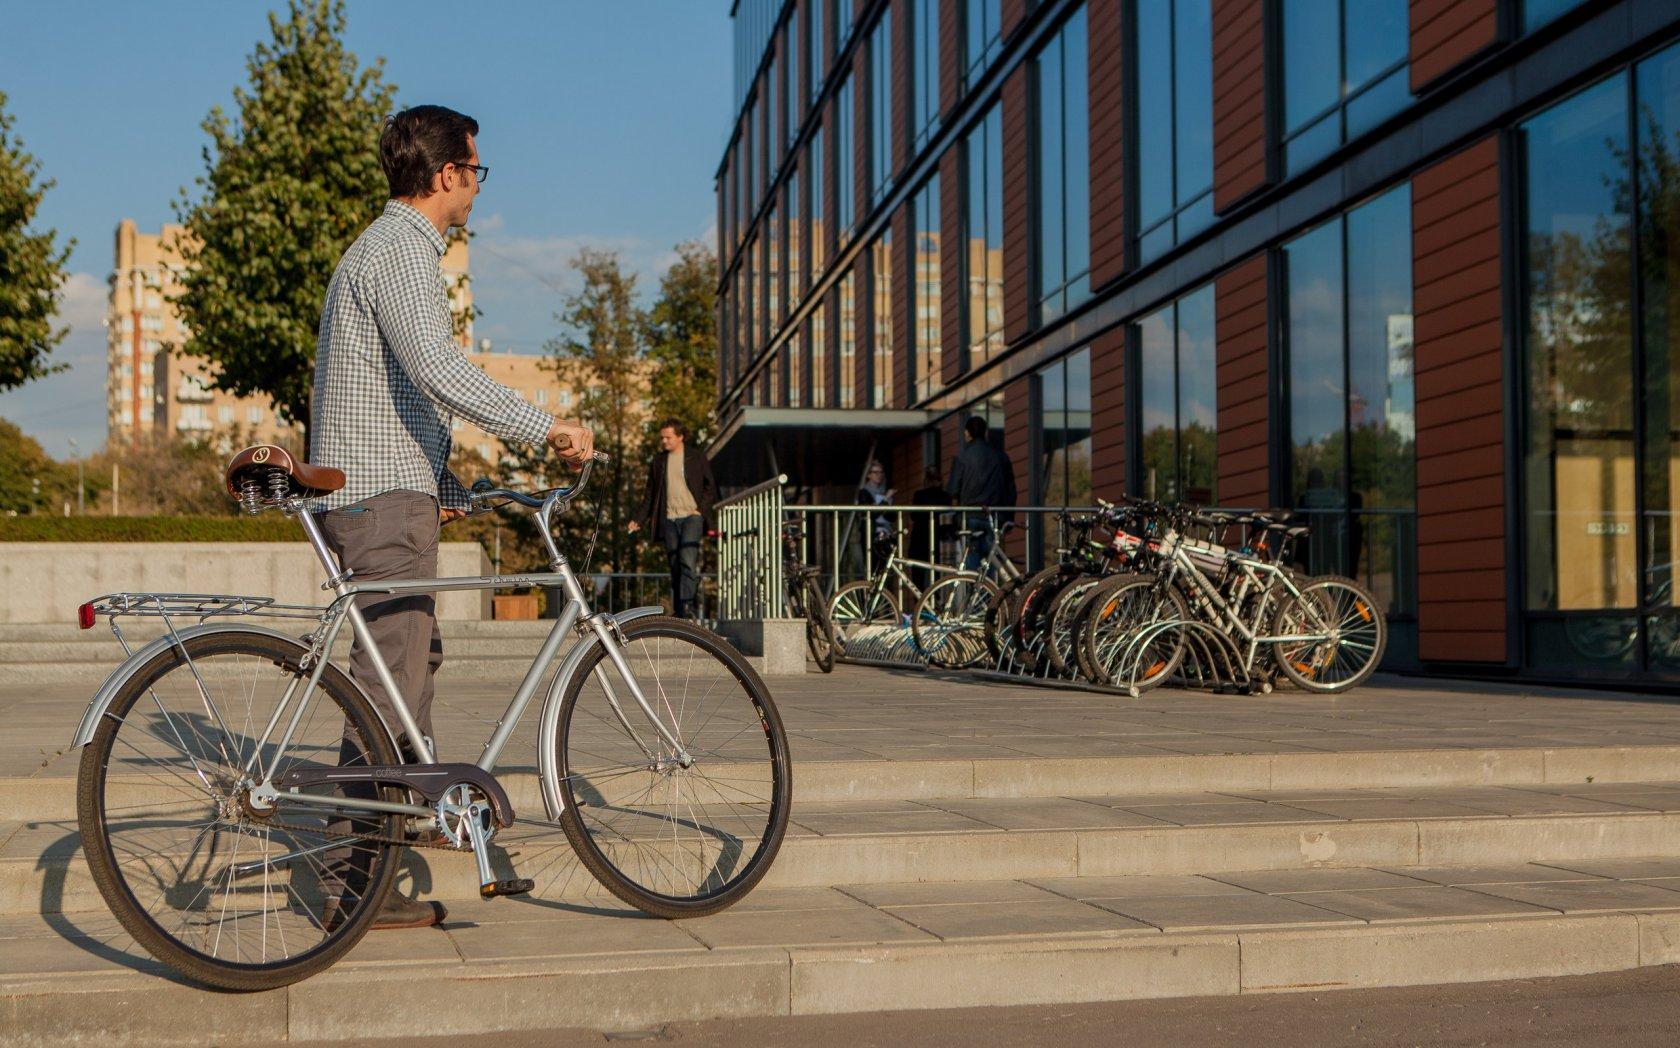 Велопоездки на работу помогли сбросить вес не хуже тренировок